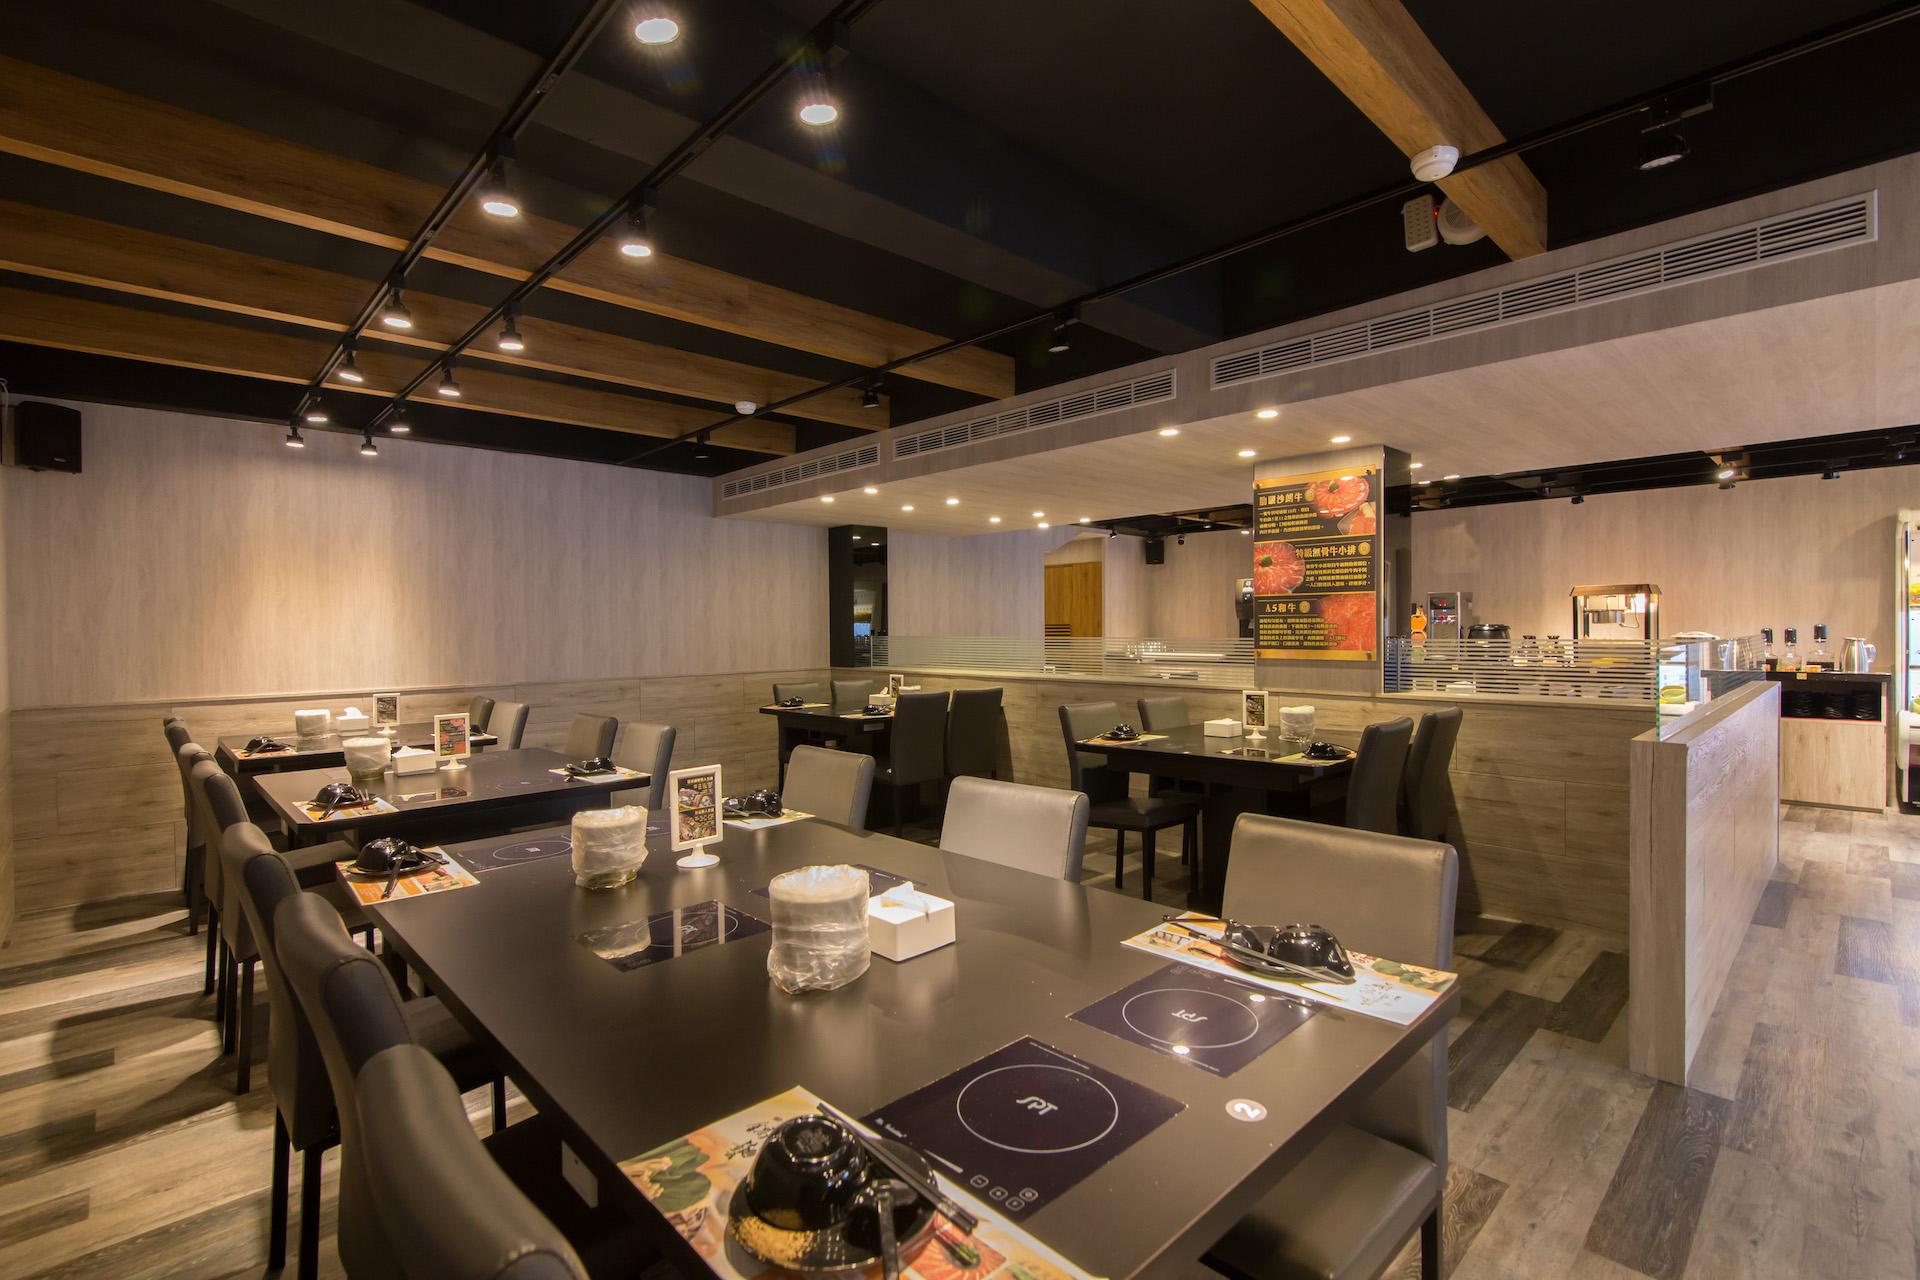 蔬鍋藝 林口店舒適的用餐環境